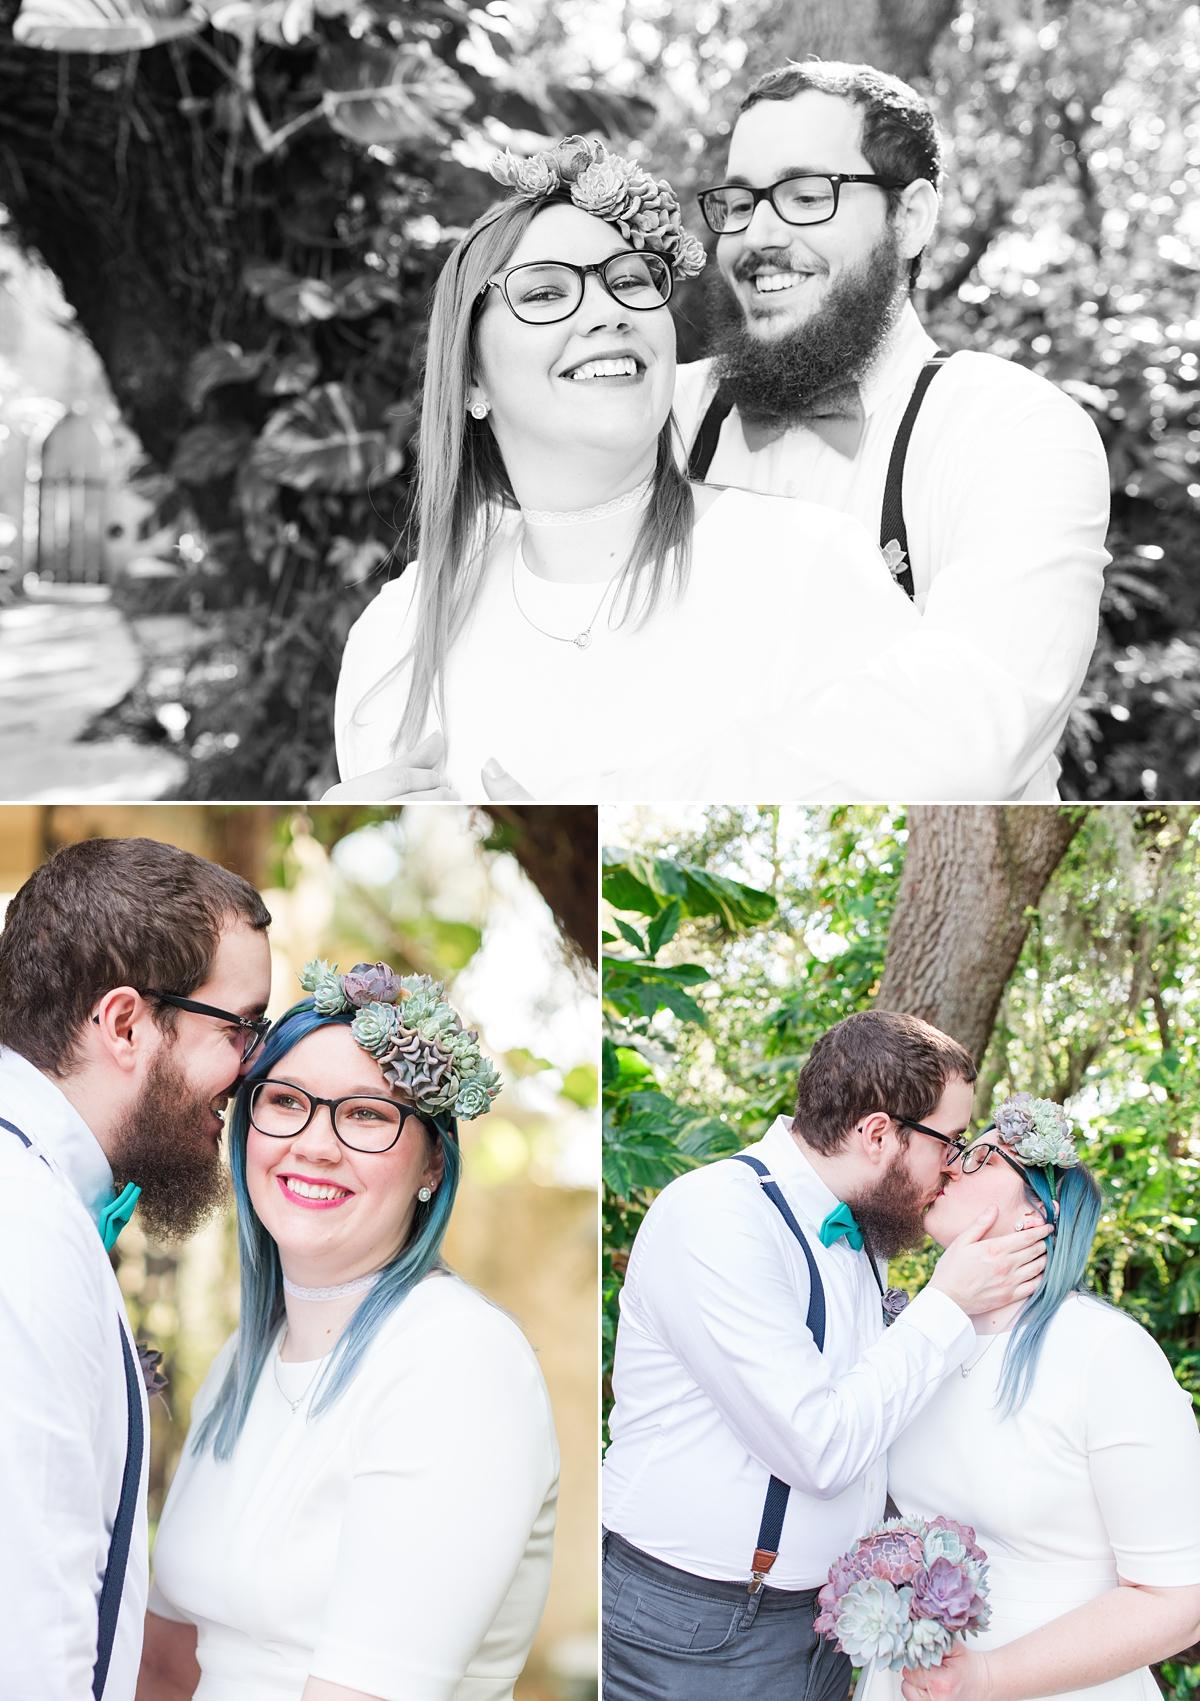 Titusville Florida Wedding_Elopement Photos_Blue Hair_Succulent Bouquet_Elopement Inspiration_19.jpg